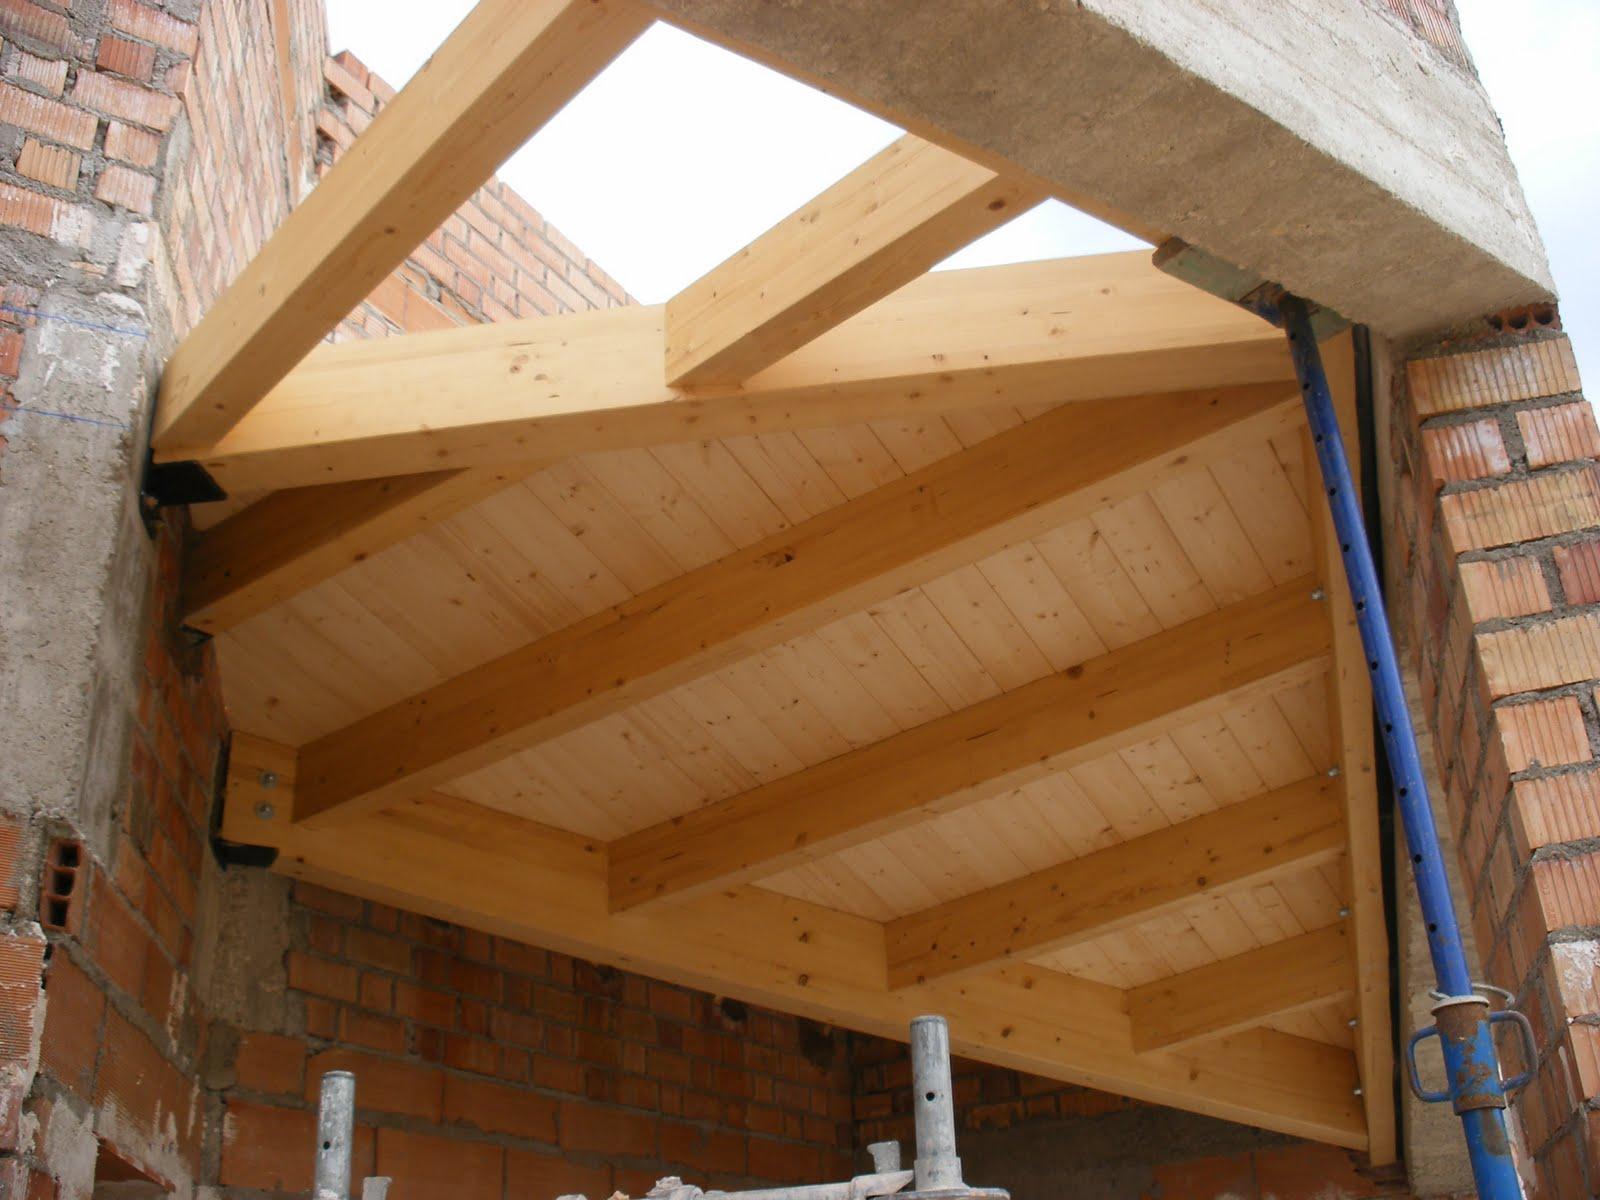 Cubierta madera laminada porche sobre bases de piedra - Forjados de madera laminada ...